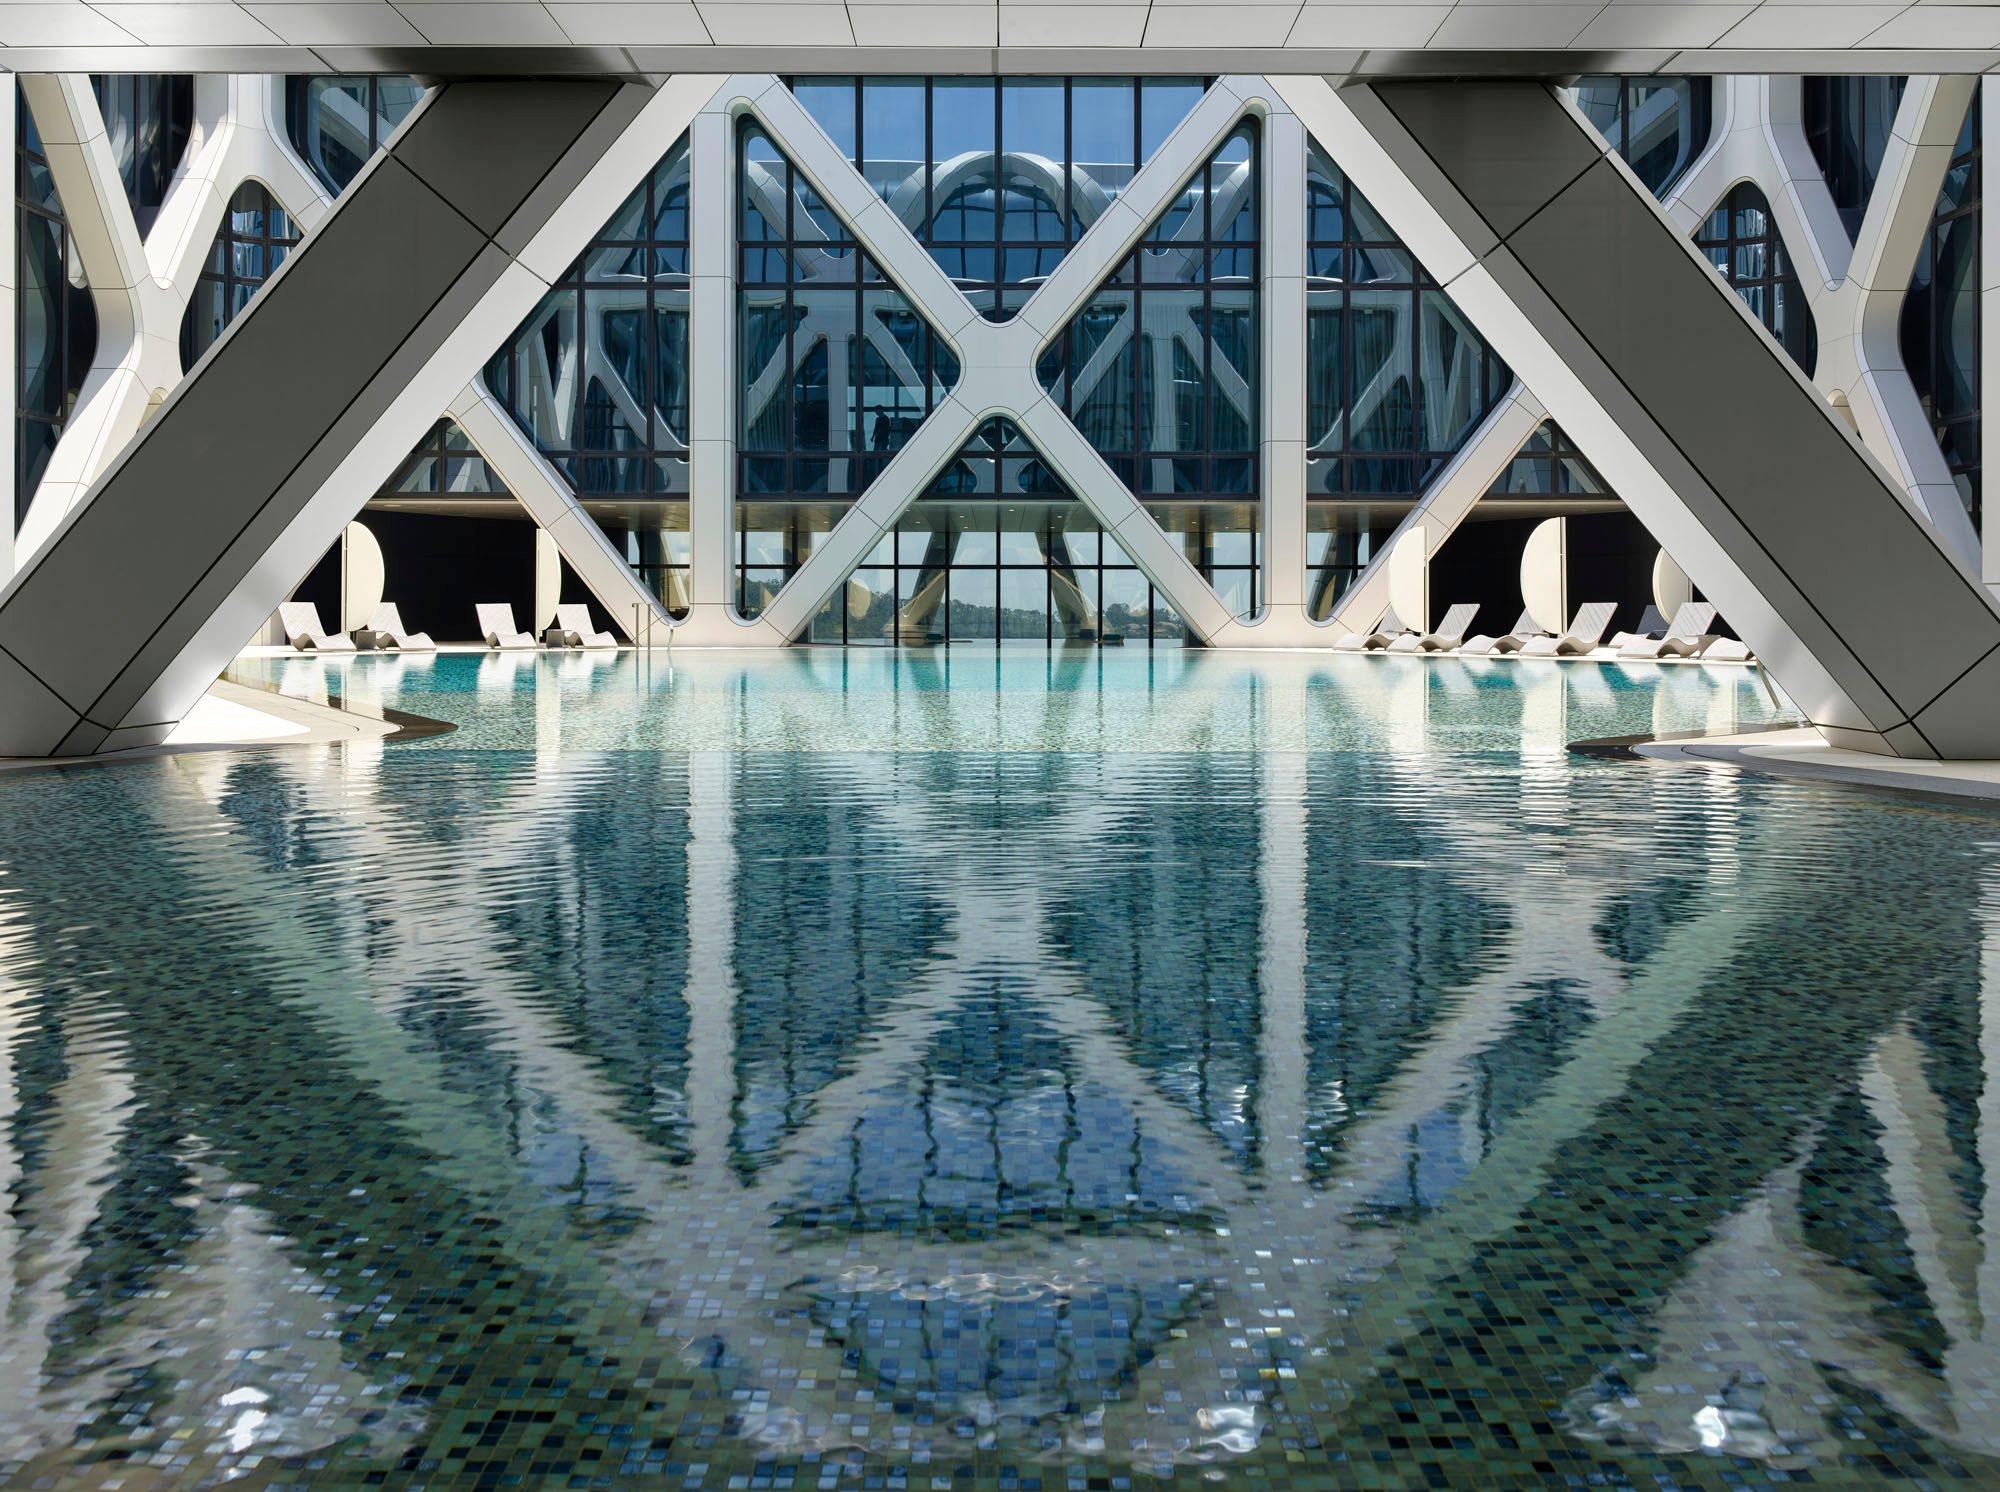 MORPHEUS HOTEL: Den besten Ausblick gibt es vom Außenpool auf der 40. Etage. Foto: Virgile Simon Bertrand